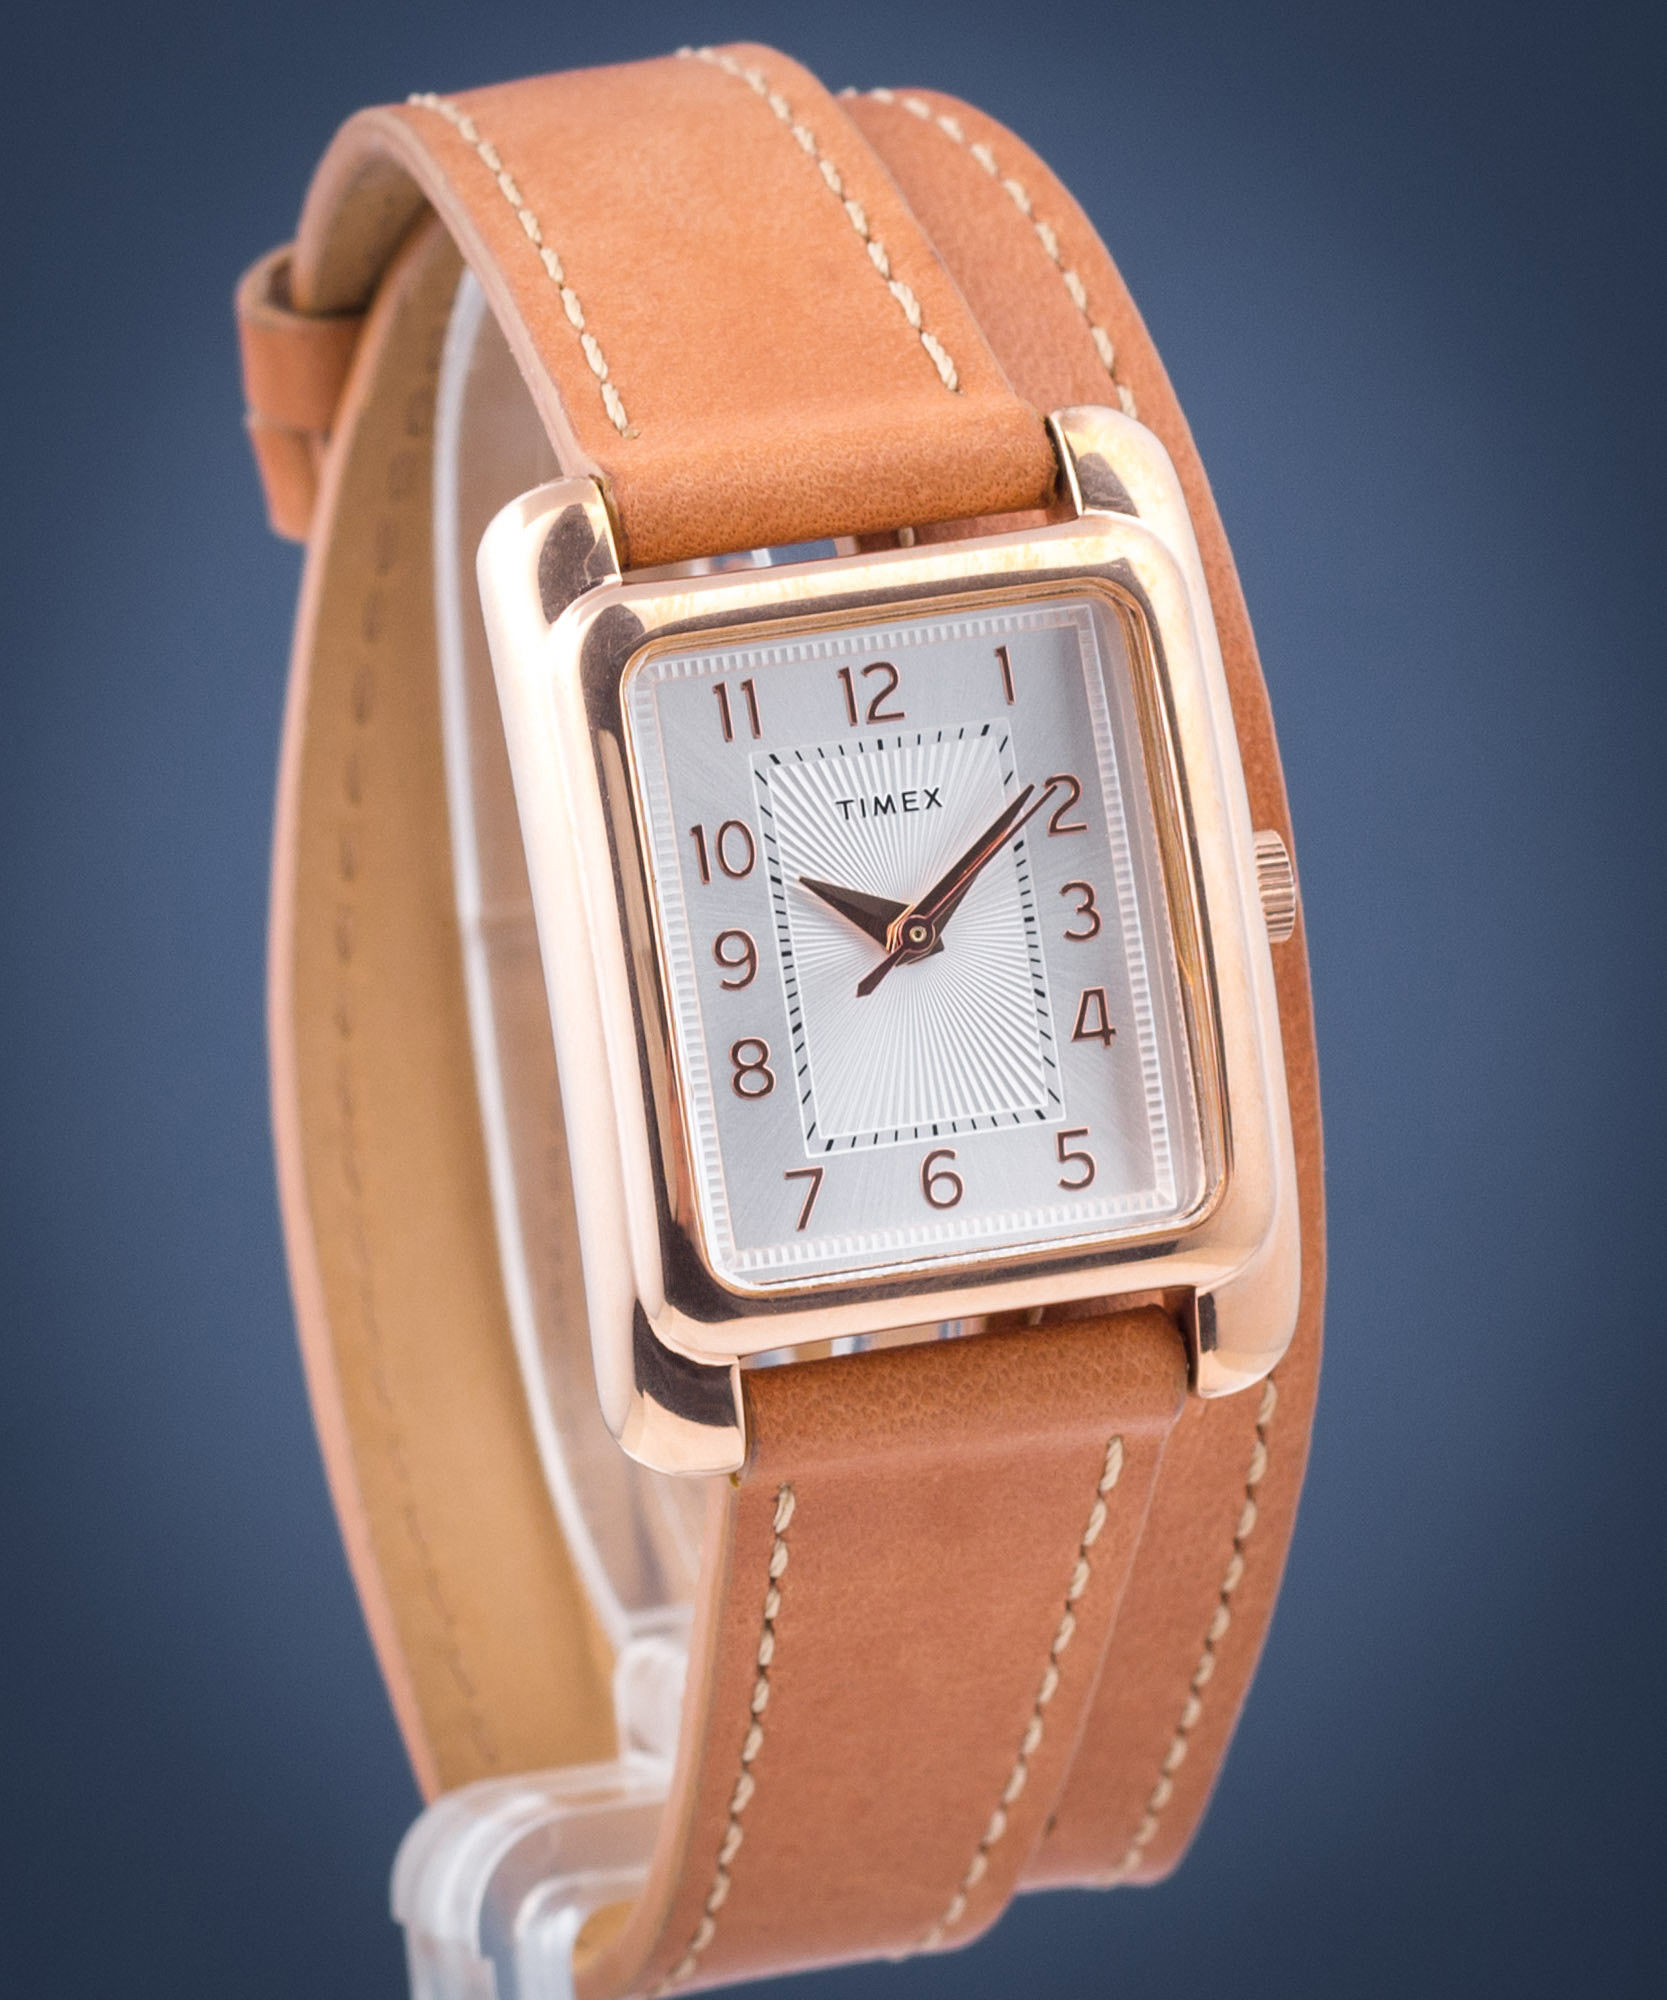 Zegarek Timex TW2R91600 Addison - CENA DO NEGOCJACJI - DOSTAWA DHL GRATIS, KUPUJ BEZ RYZYKA - 100 dni na zwrot, możliwość wygrawerowania dowolnego tekstu.